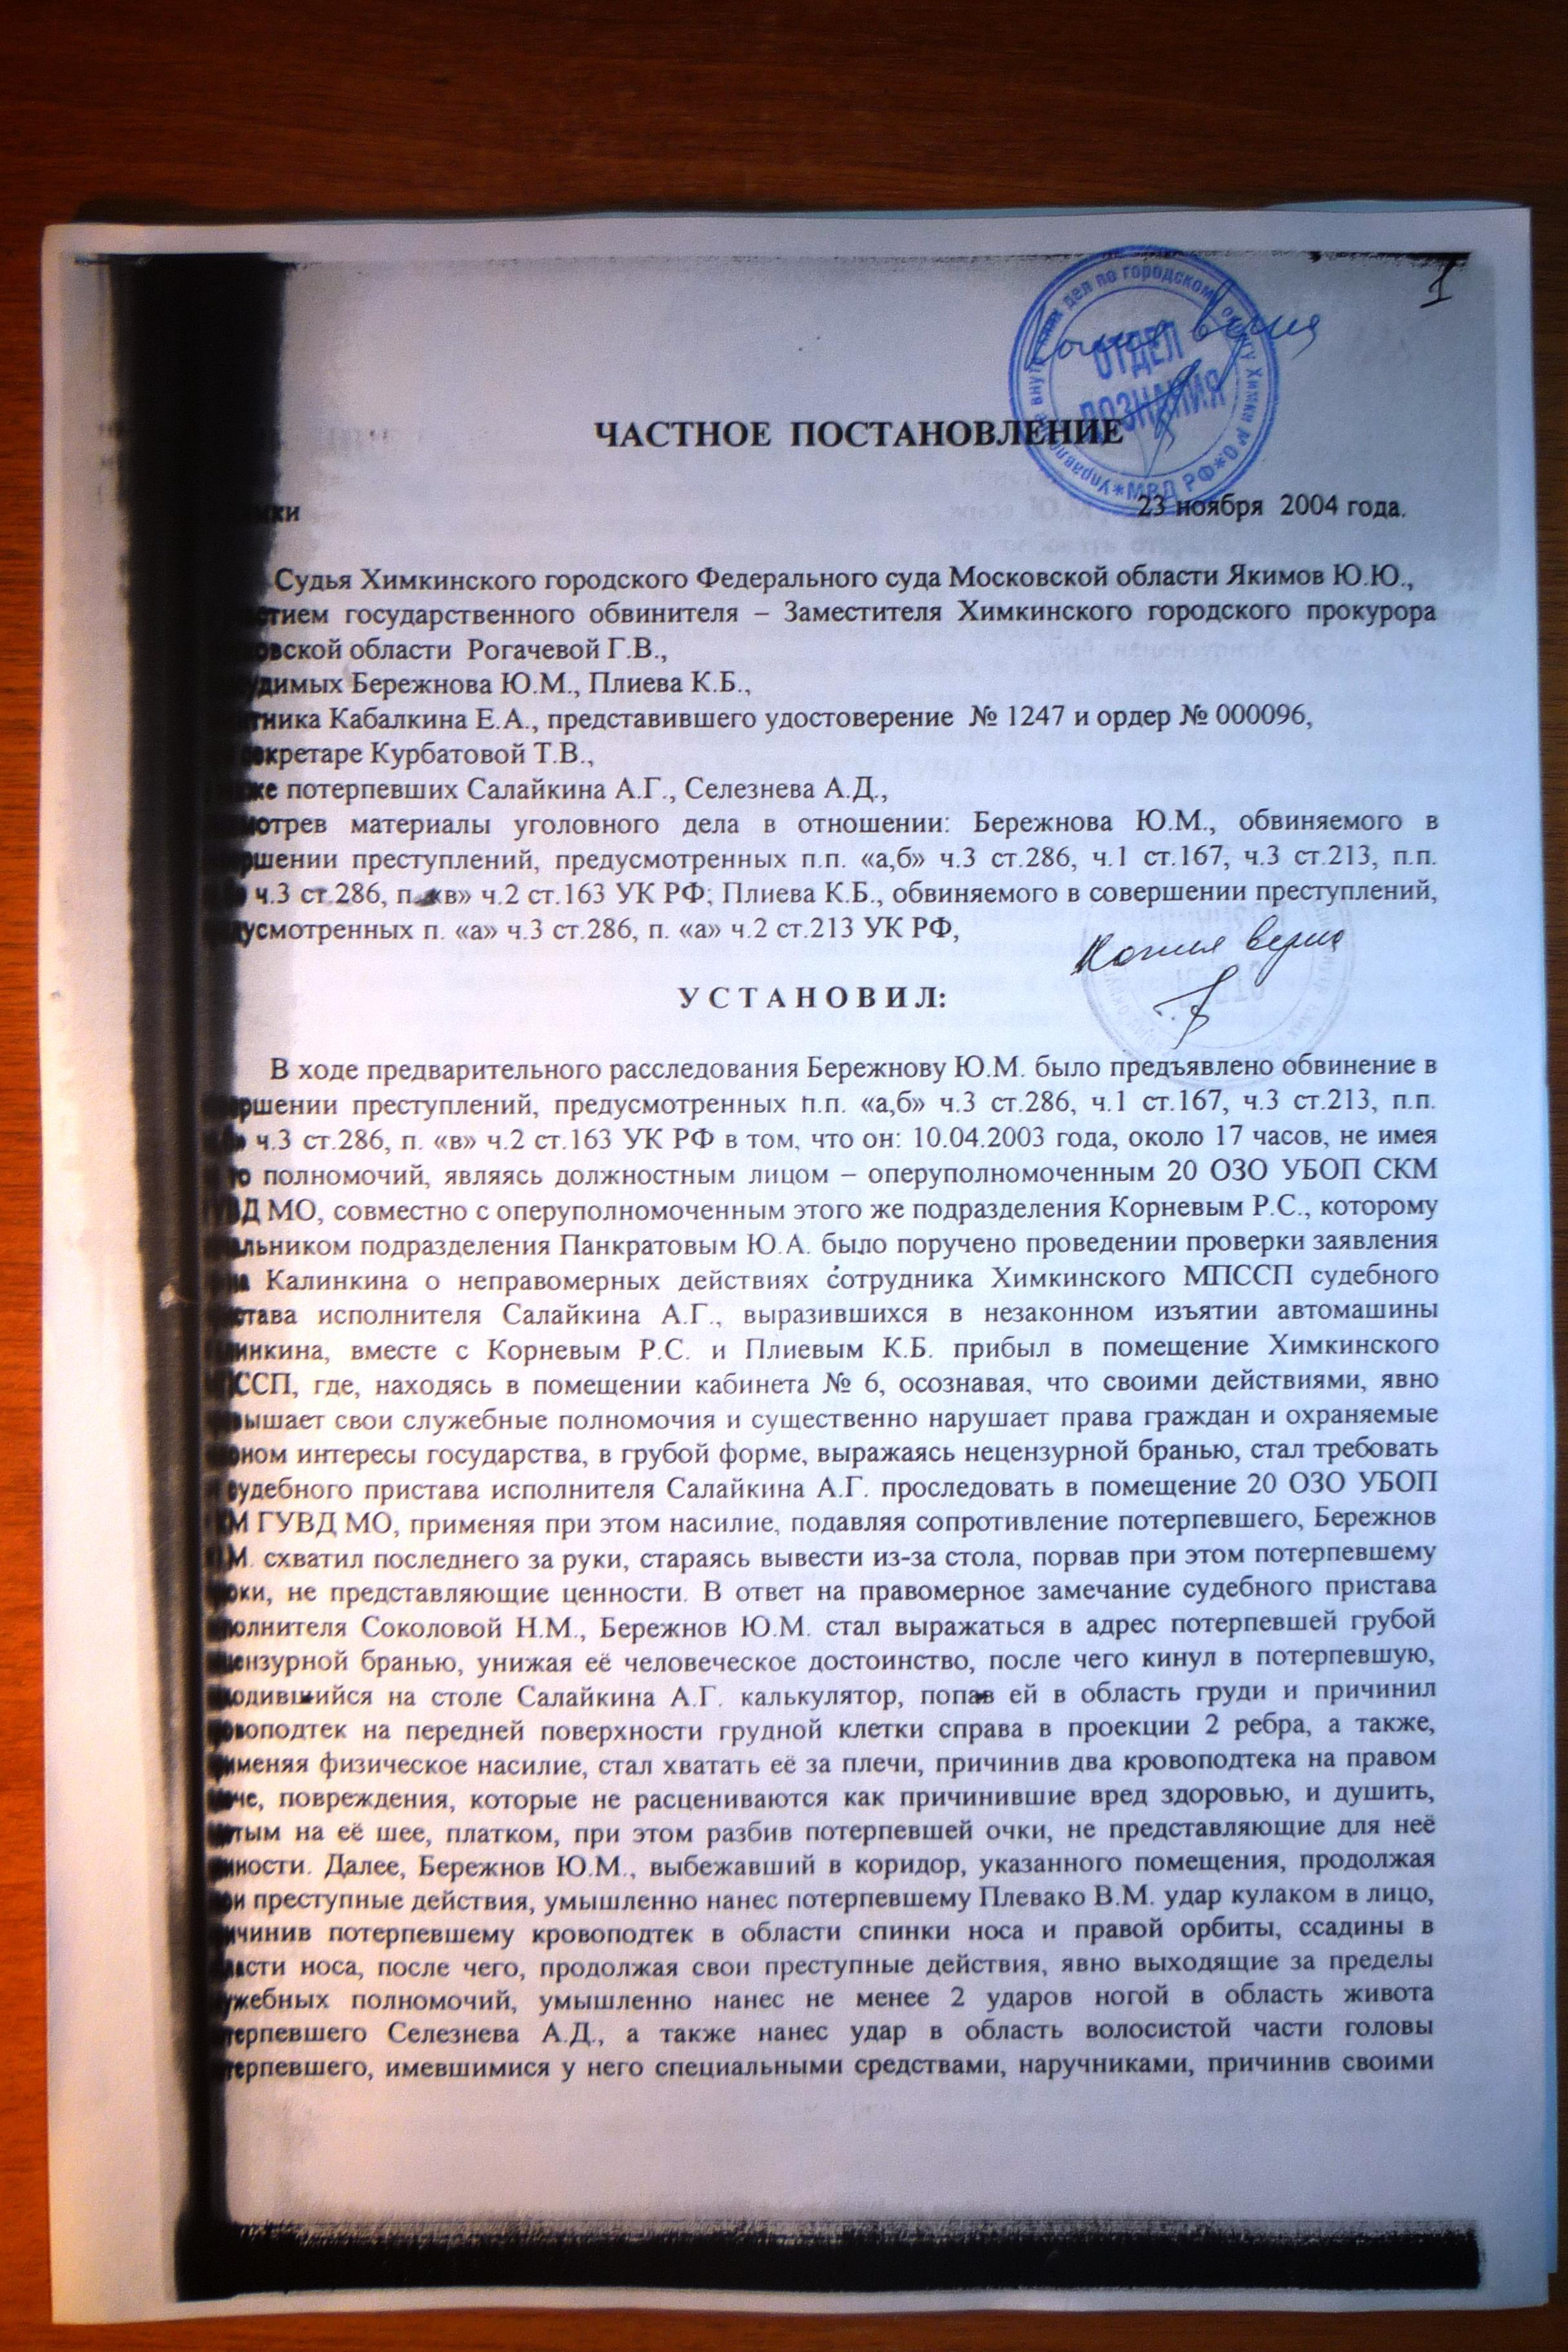 Частное пост.лист 1  P1040648